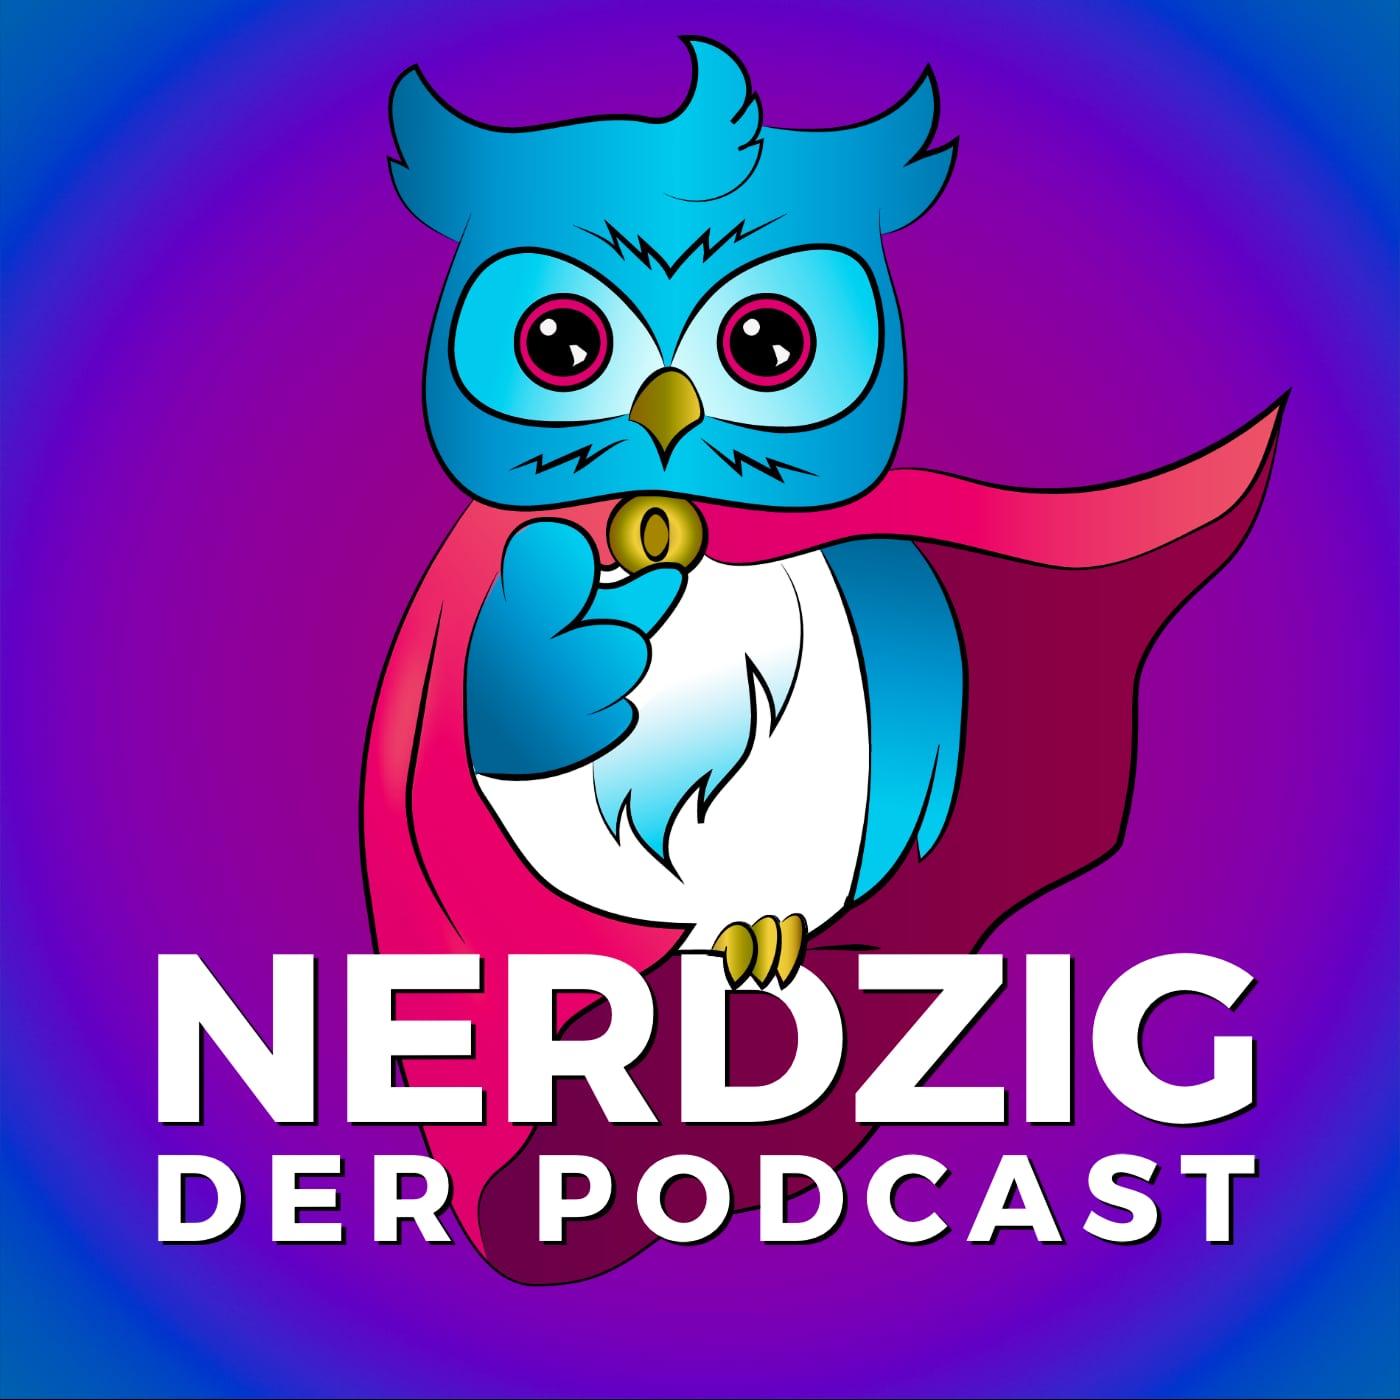 Nerdzig - der Podcast